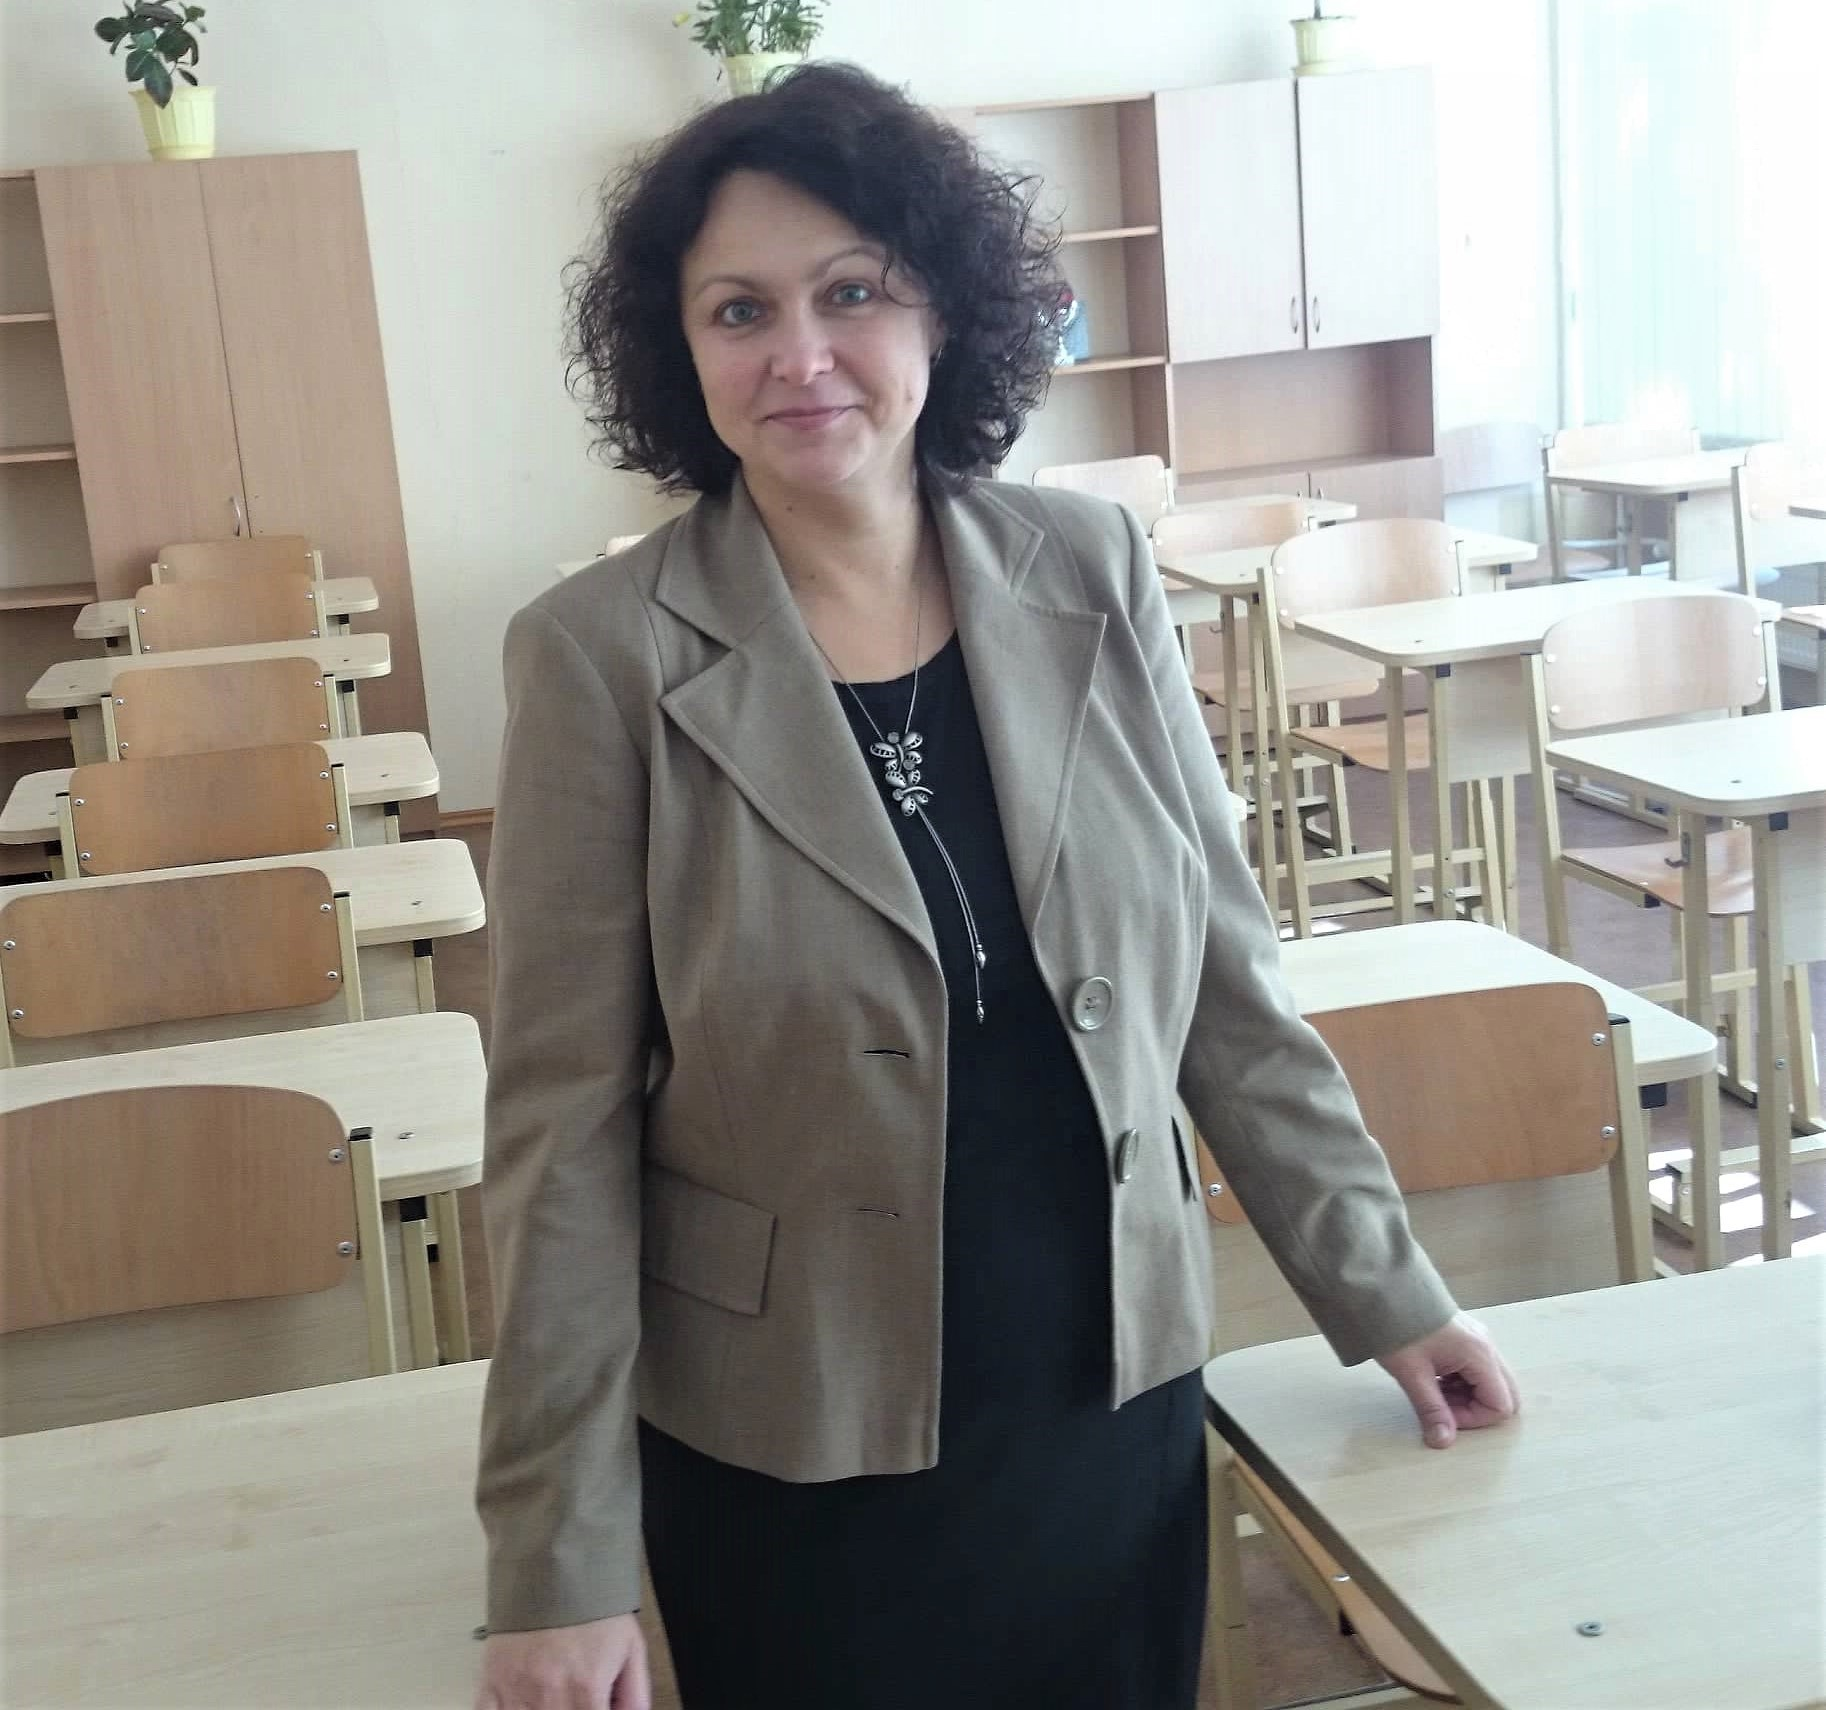 Klasės auklėtoja Asta Krapikienė atskleidžia, kad jai niekad nėra tekę mokyti kitataučių. Tad reikėjo nemažai pasistengti, kol atrado mokymo metodiką bei bendravimą su užsieniečiu. Asmeninio archyvo nuotr.